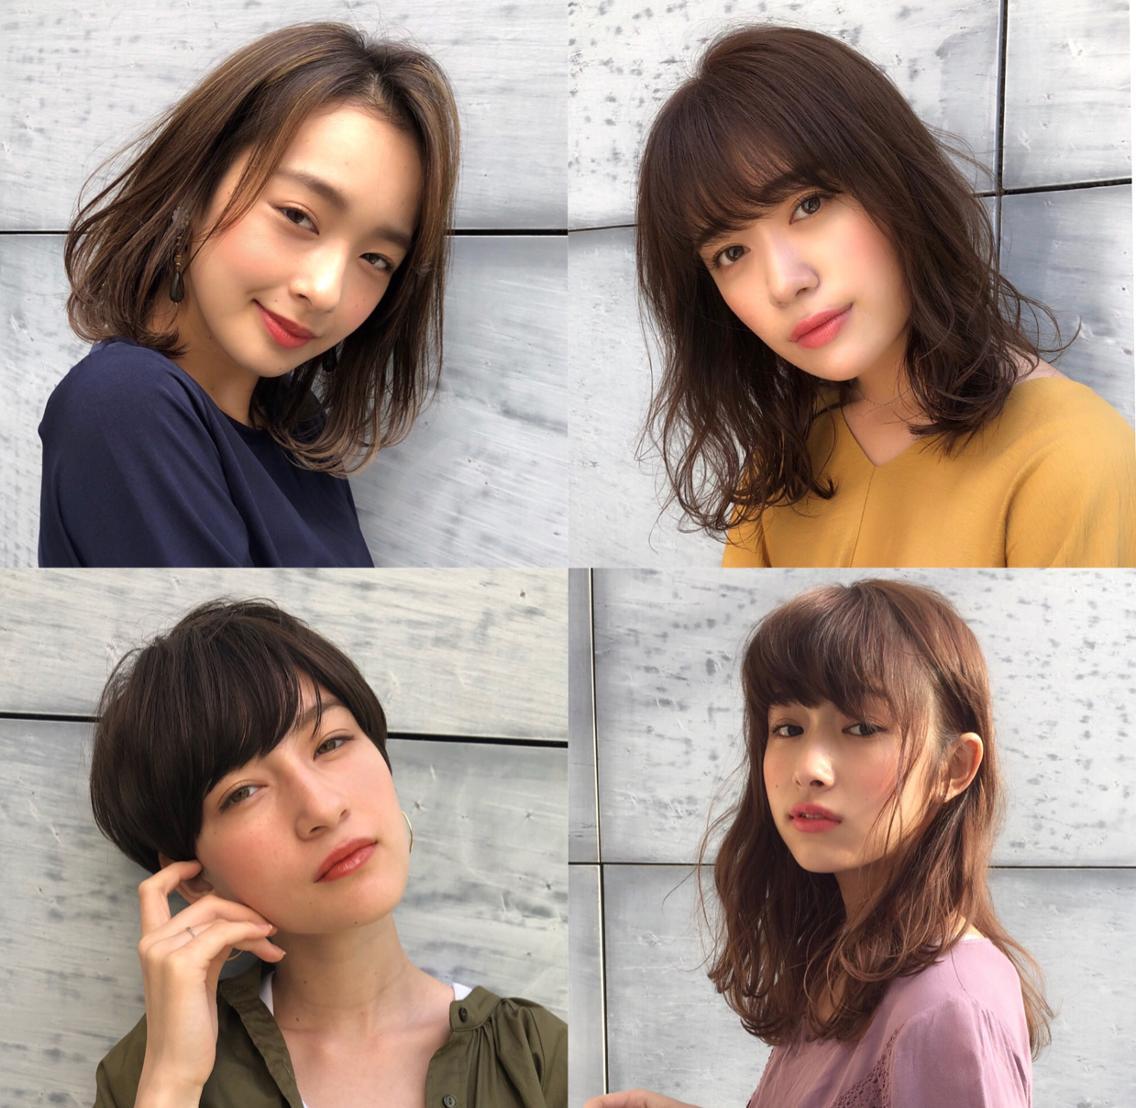 9月当日予約OK!銀座で人気No.1!髪質改善プラチナトリートメント✨髪質でお悩みの方、毎日スタイリングする方必見✨✨✨